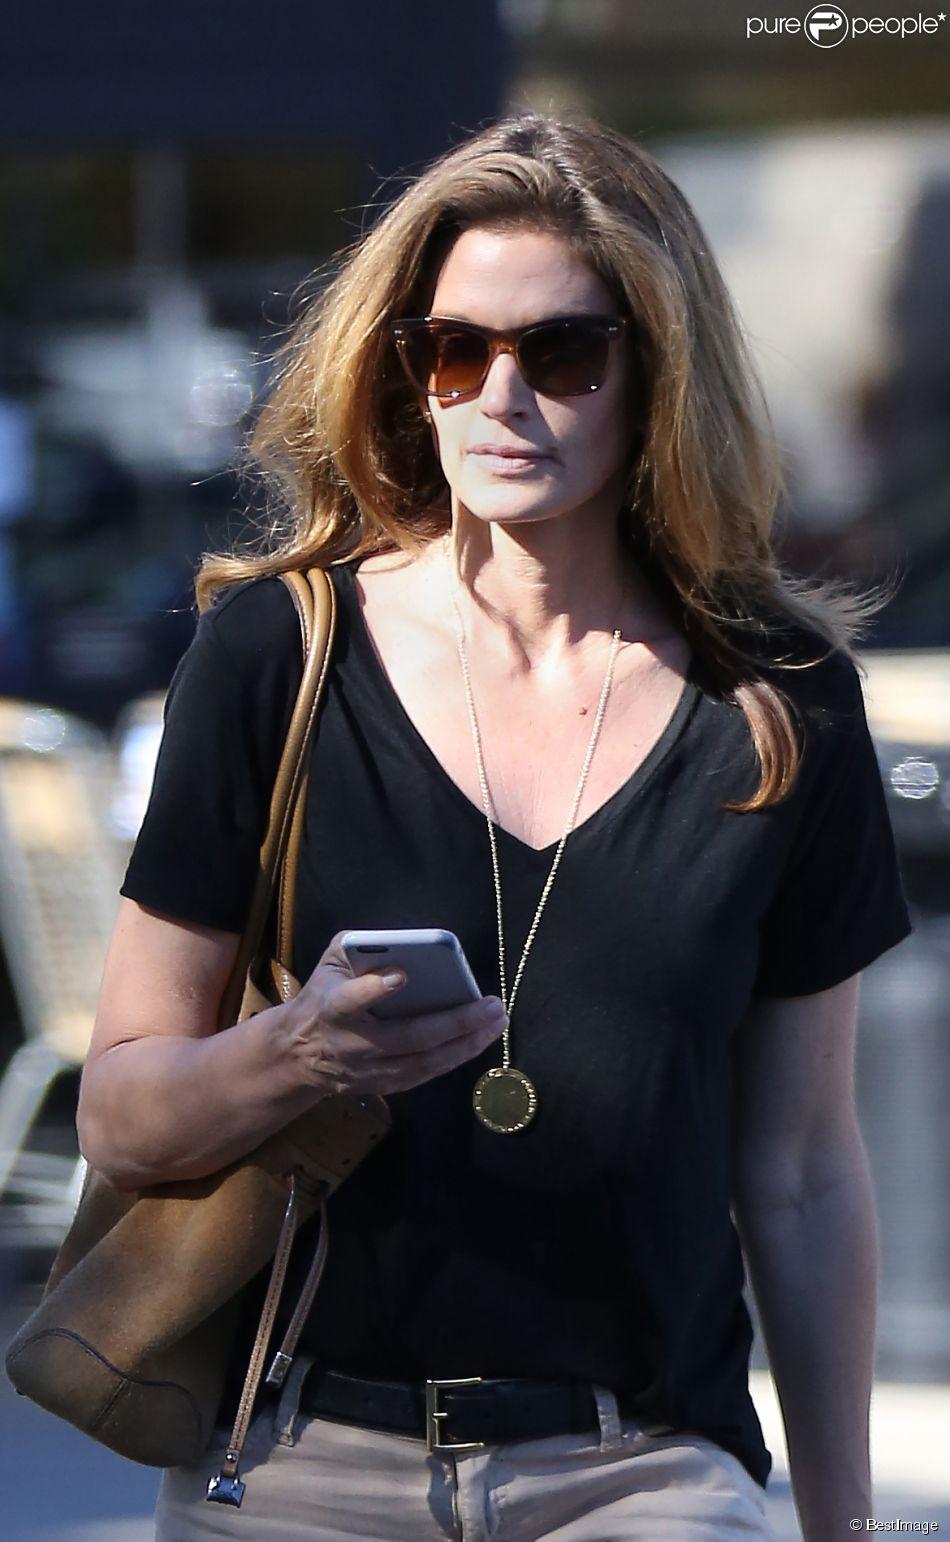 Exclusif - Cindy Crawford est allée faire du shopping dans un centre commercial à Malibu, le 12 février 2015.